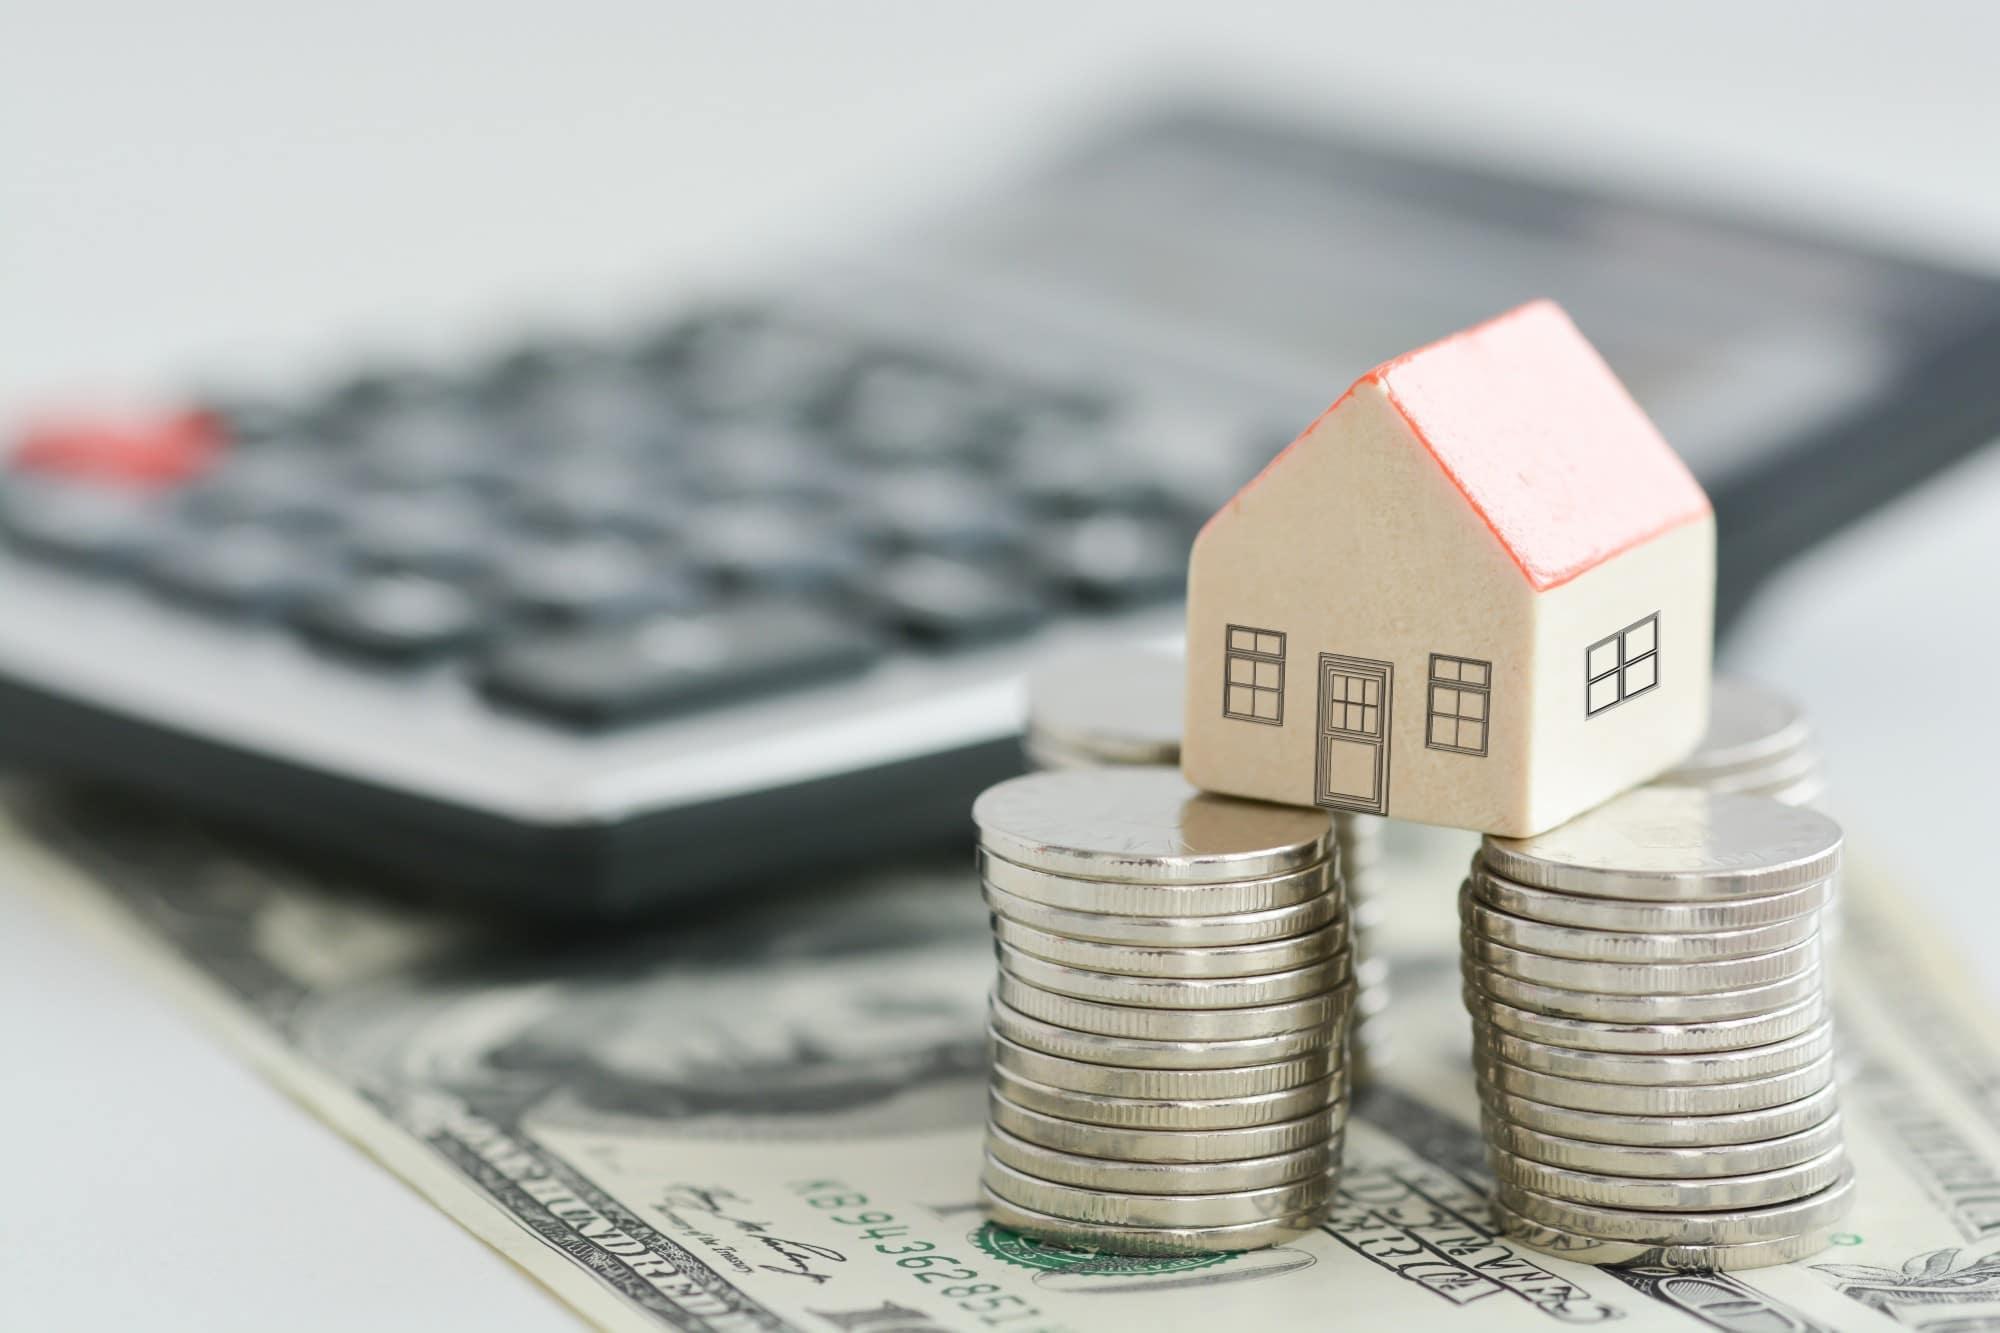 Vente immobilière : Ce que vous devez soigner quand vous vendez un bien